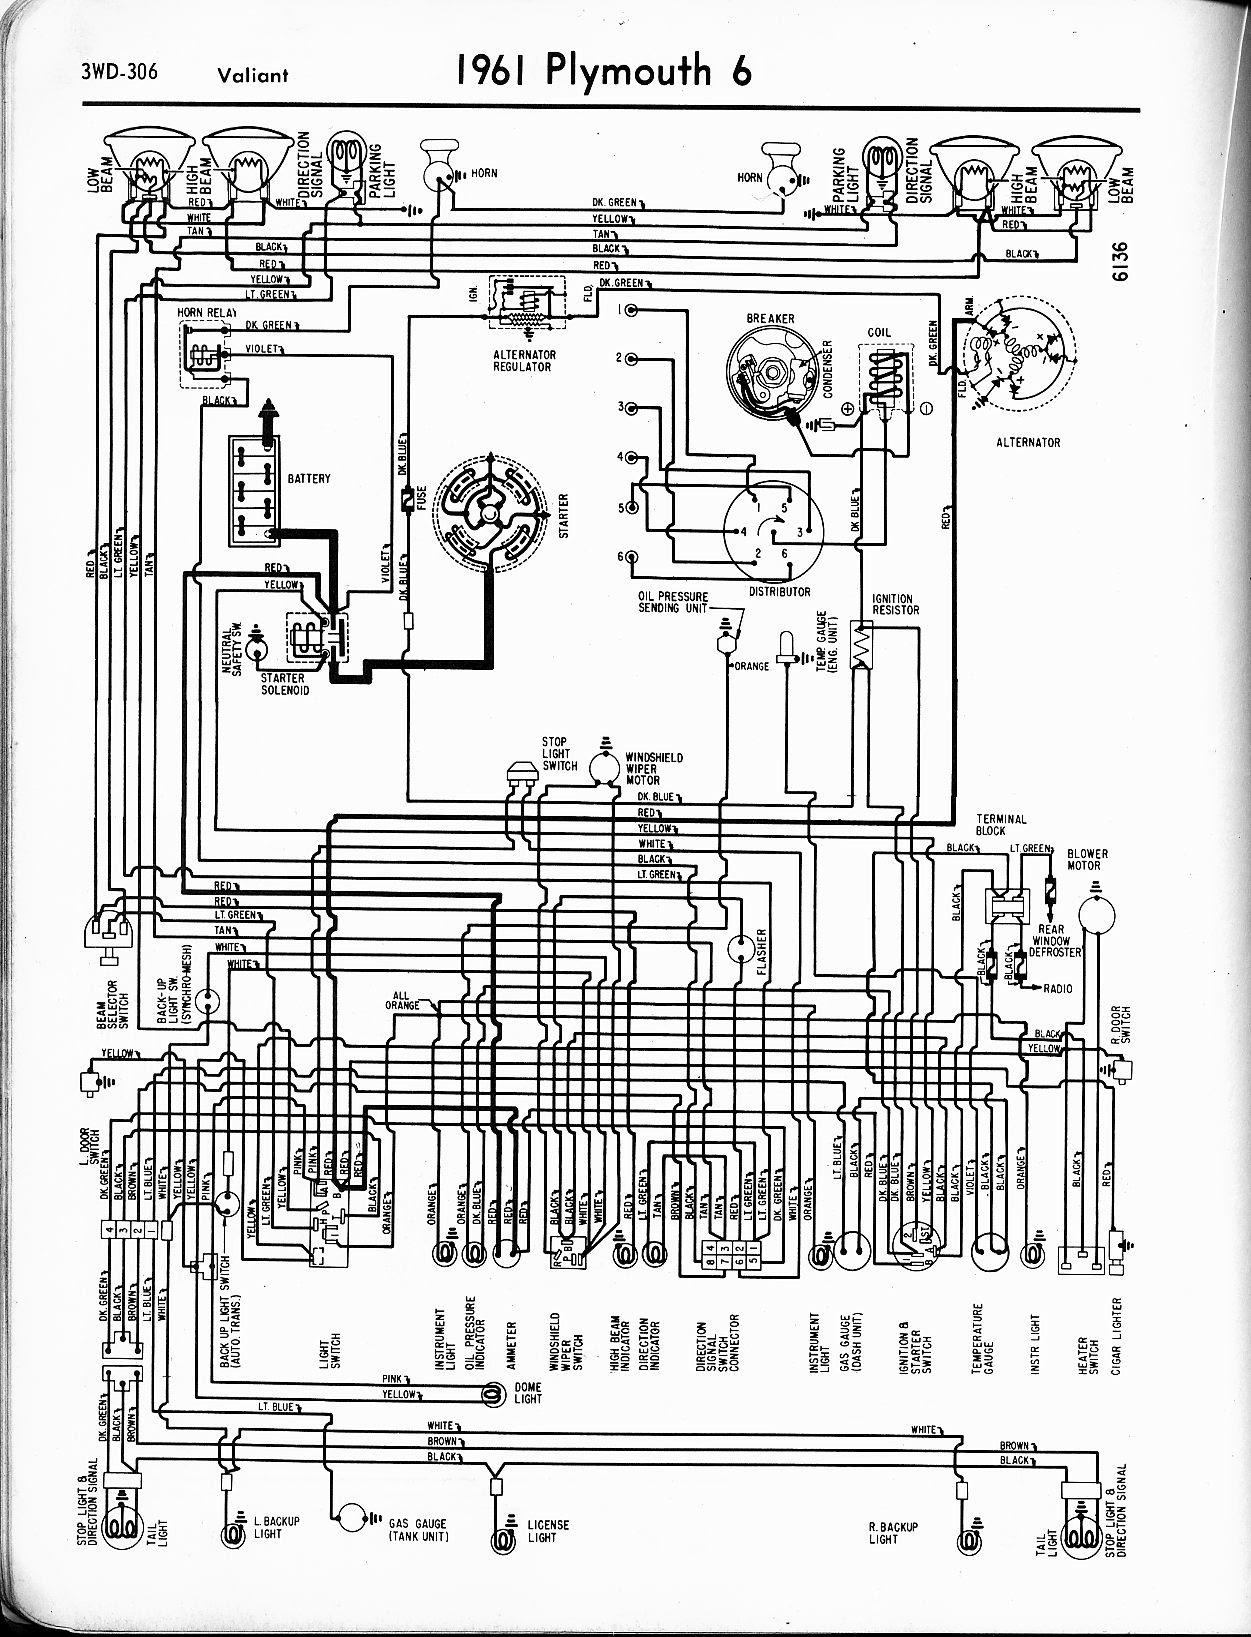 [DIAGRAM] 72 Road Runner Wiring Diagram FULL Version HD